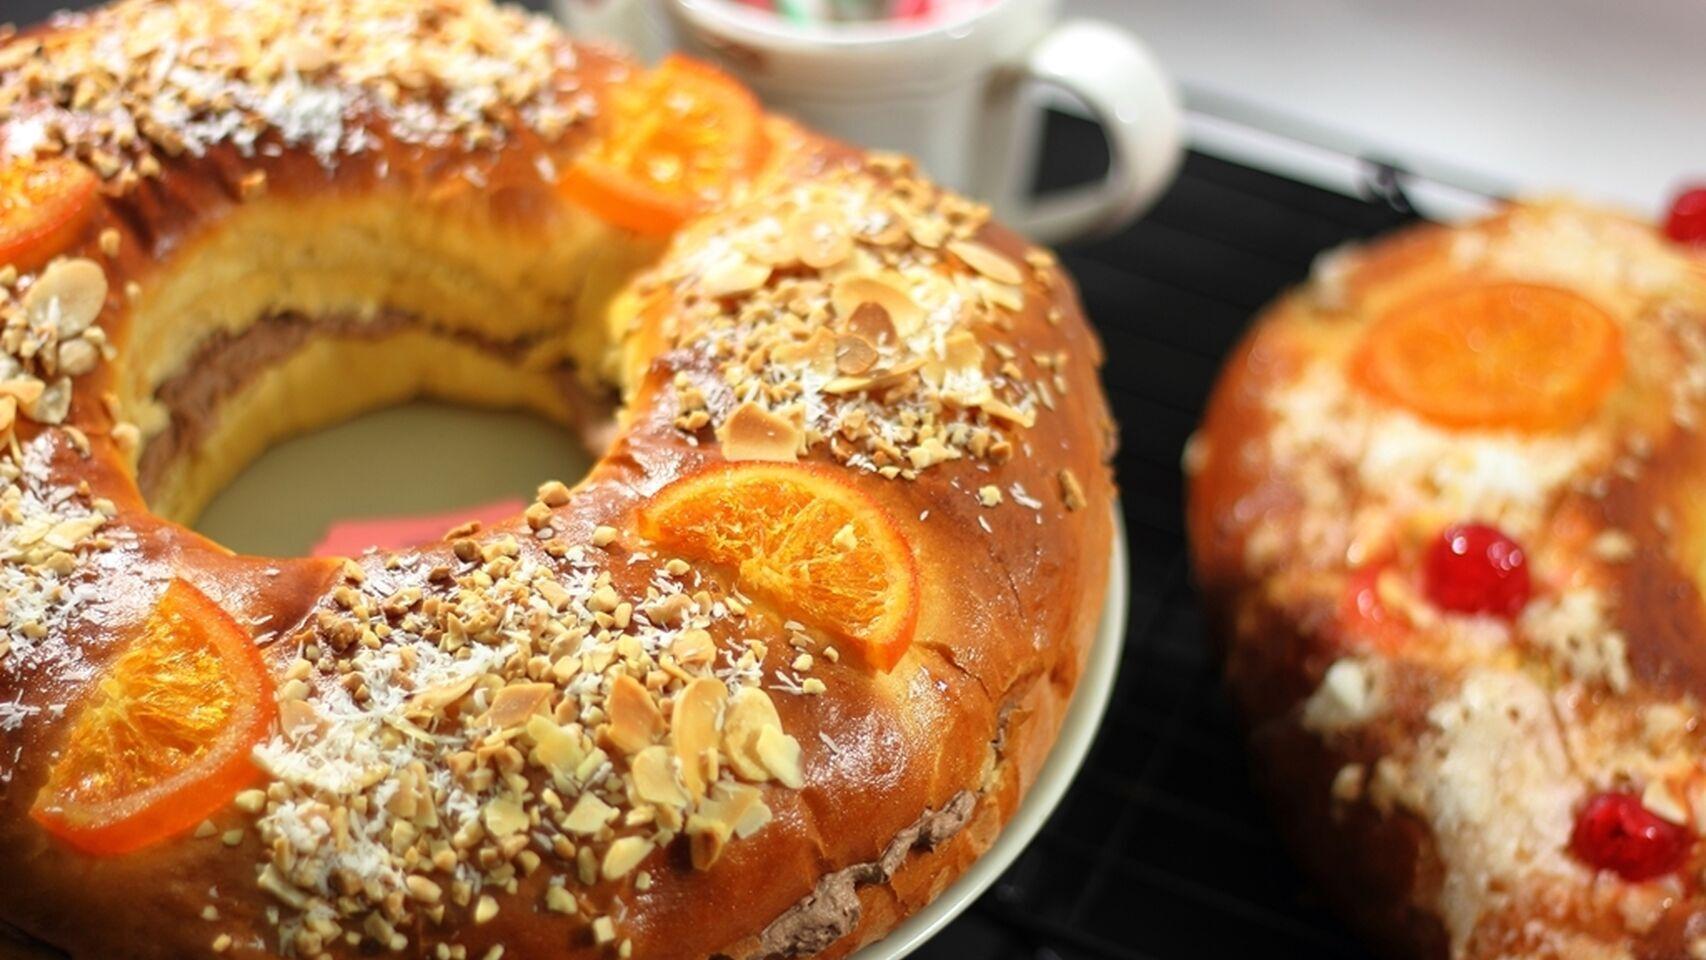 Dos roscones de Reyes rellenos con fruta escarchada y almendras.